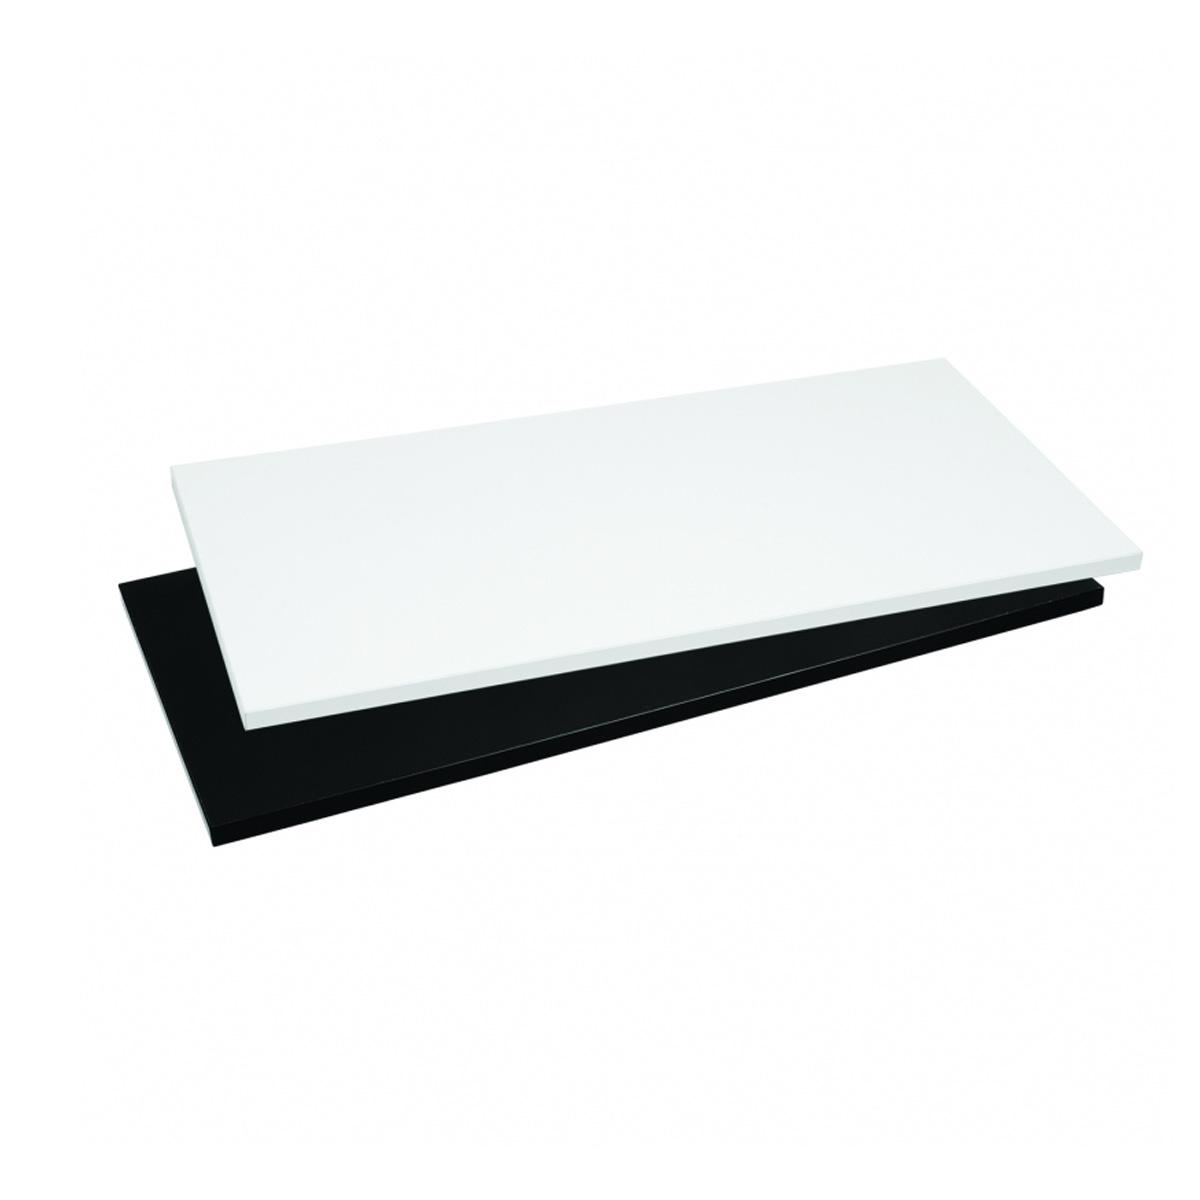 Holzfachboden weiß für Gondel schmal Scala